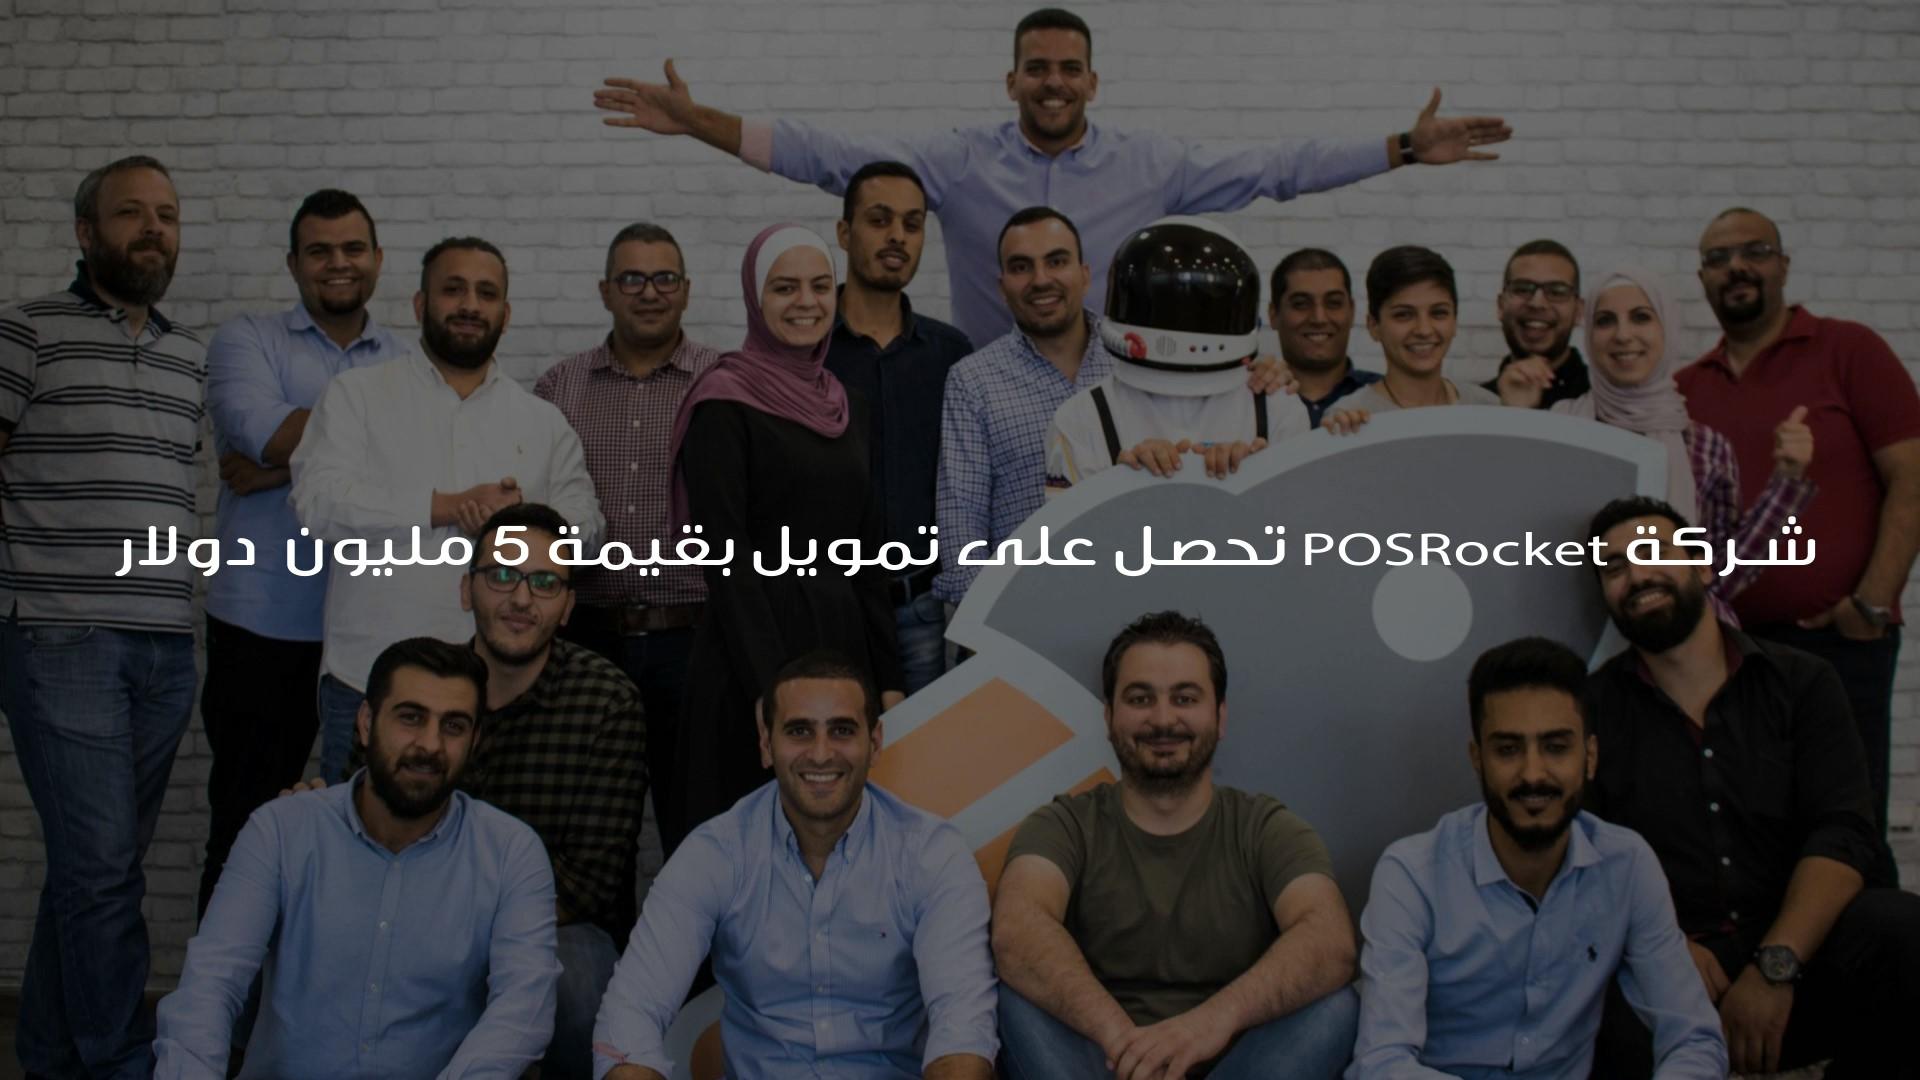 شركة POSRocket تحصل على تمويل بقيمة 5 مليون دولار